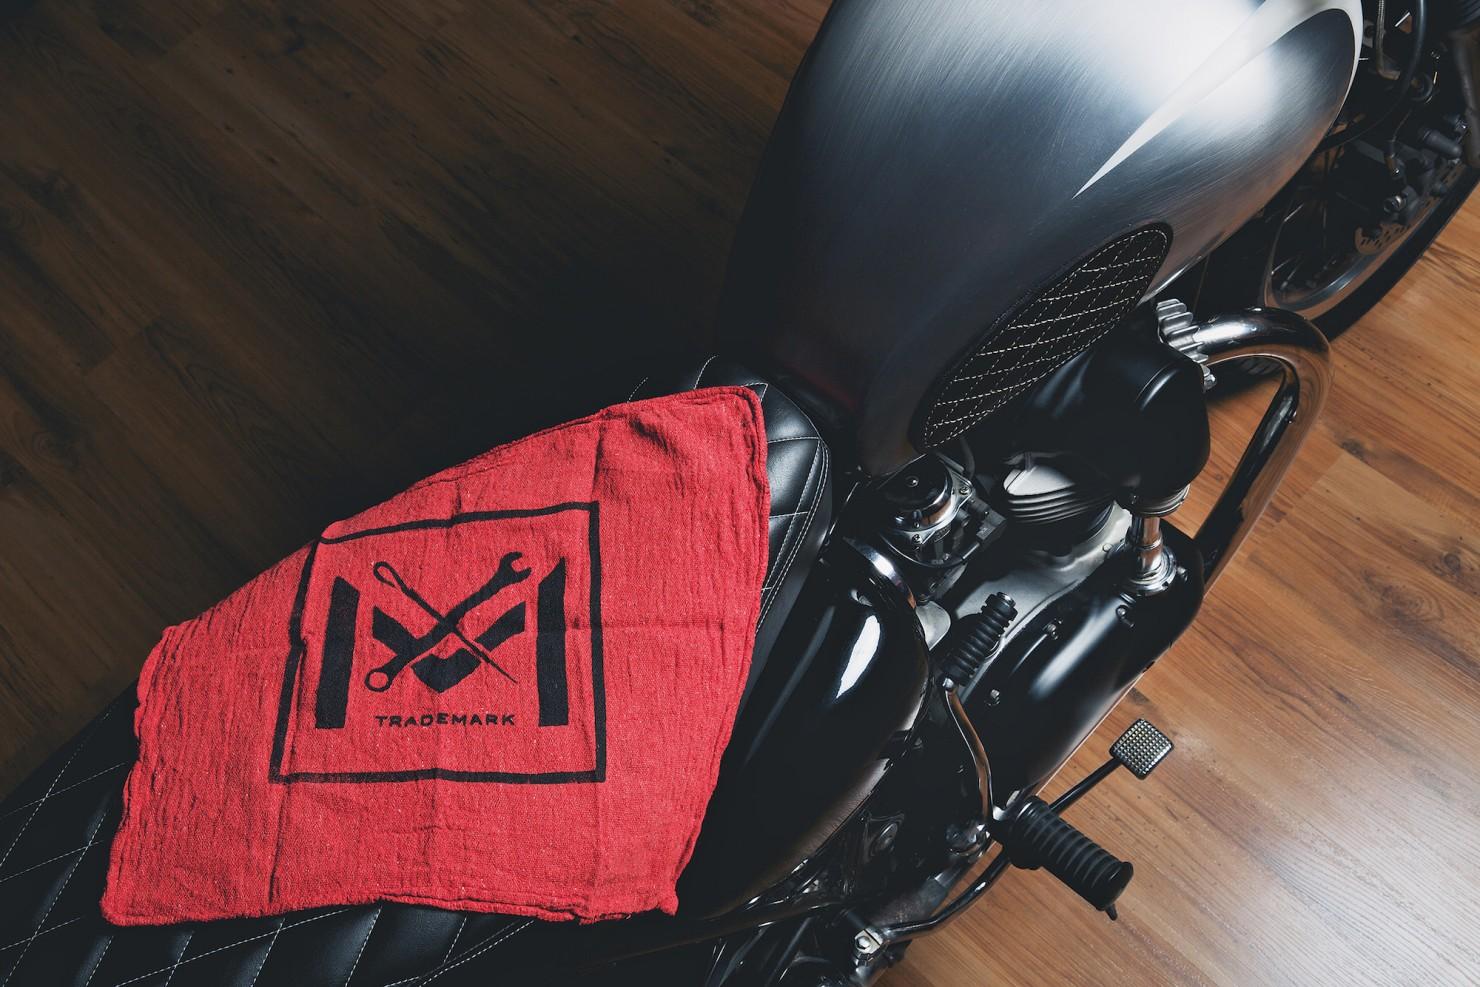 Kawasaki_W650_Motorcycle_21